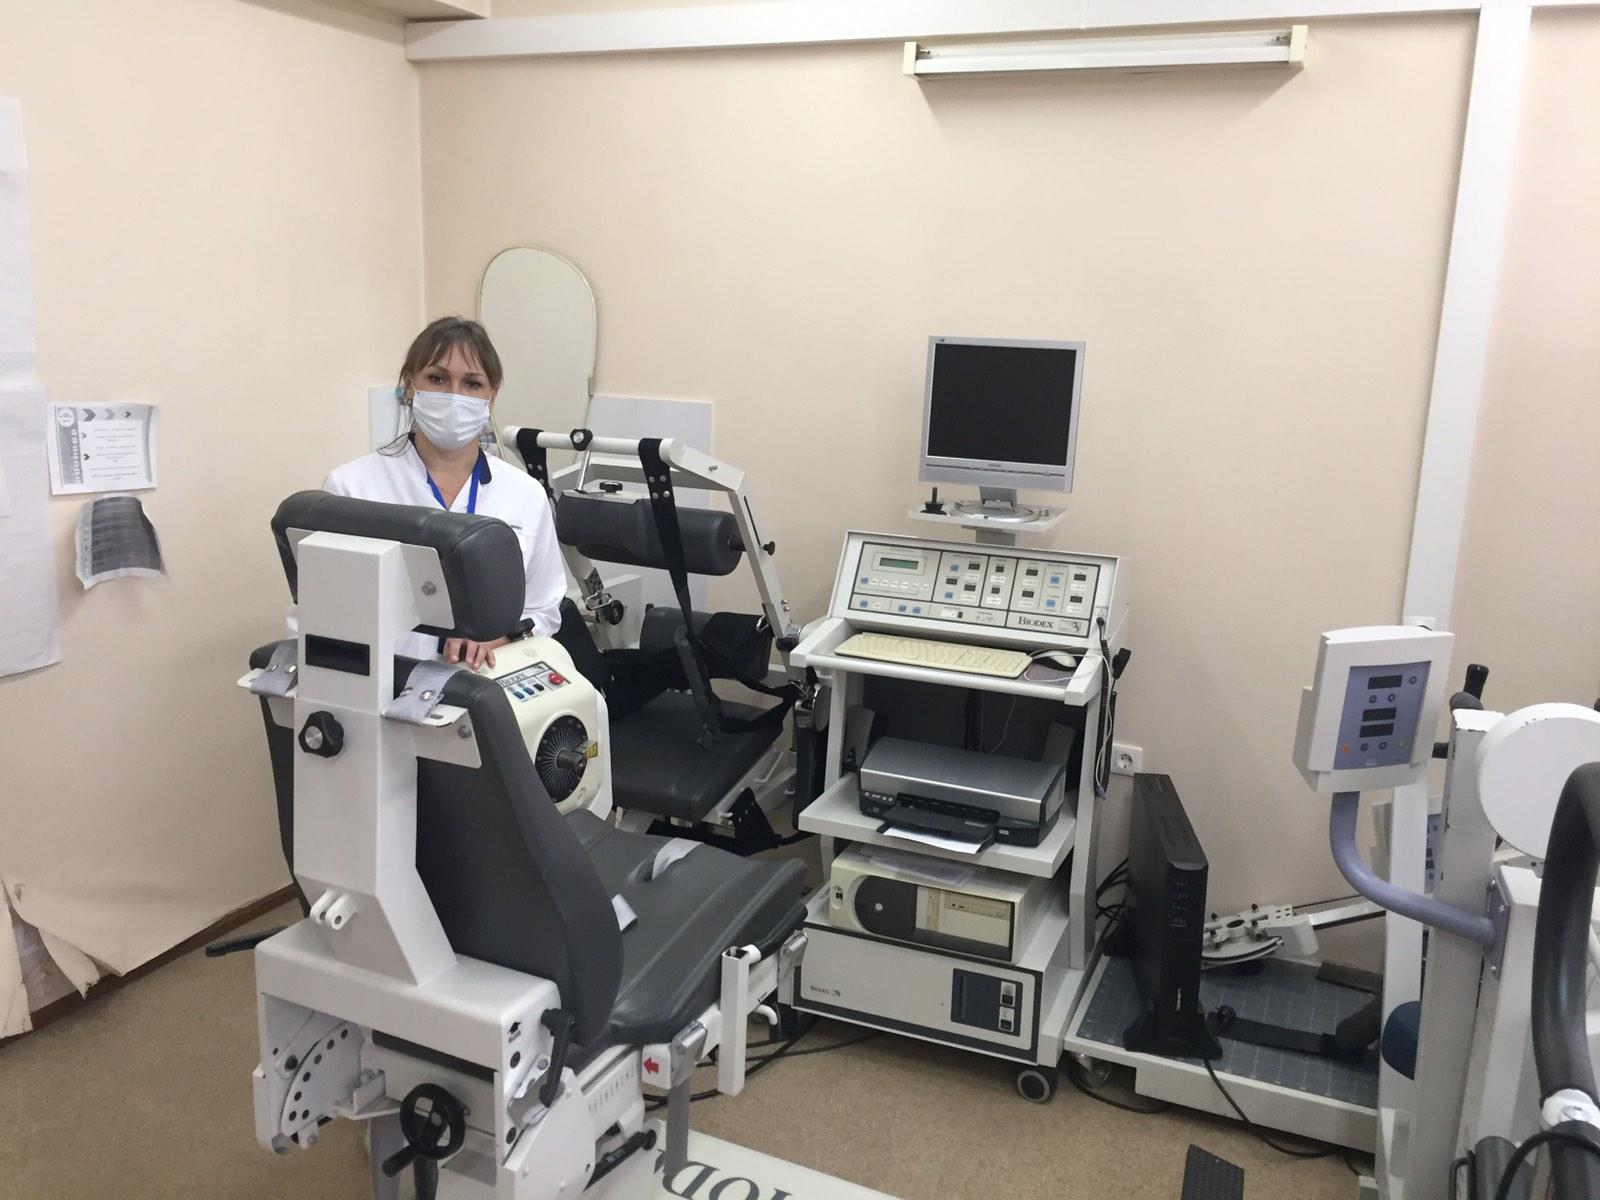 Тюменцы могут пройти реабилитацию после травм на роботизированном оборудовании 1